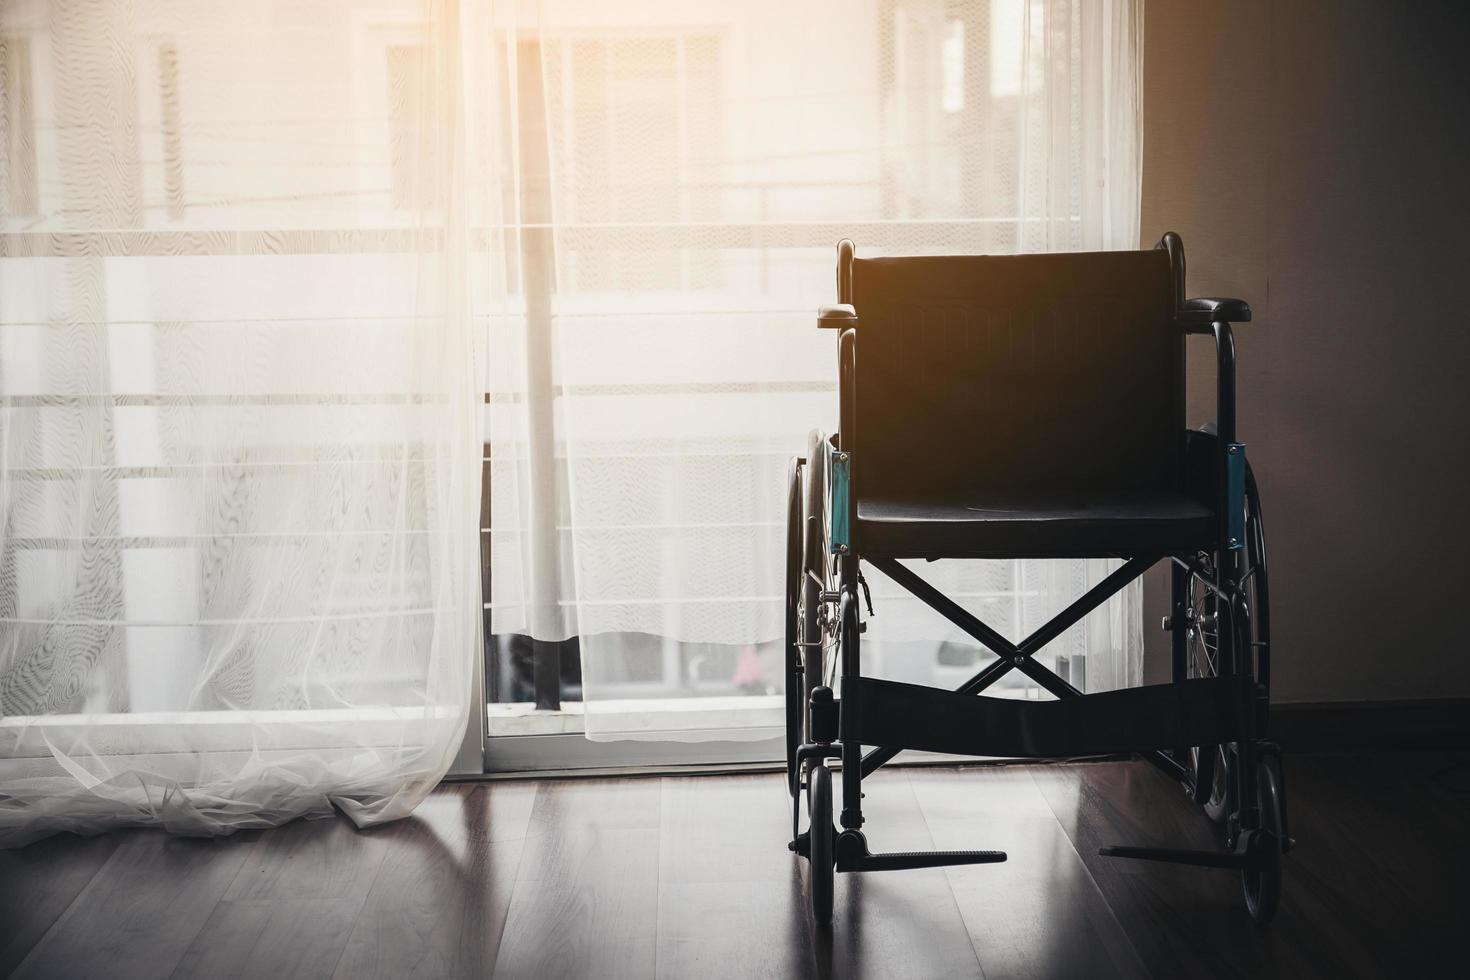 immagine di una sedia a rotelle in una stanza foto